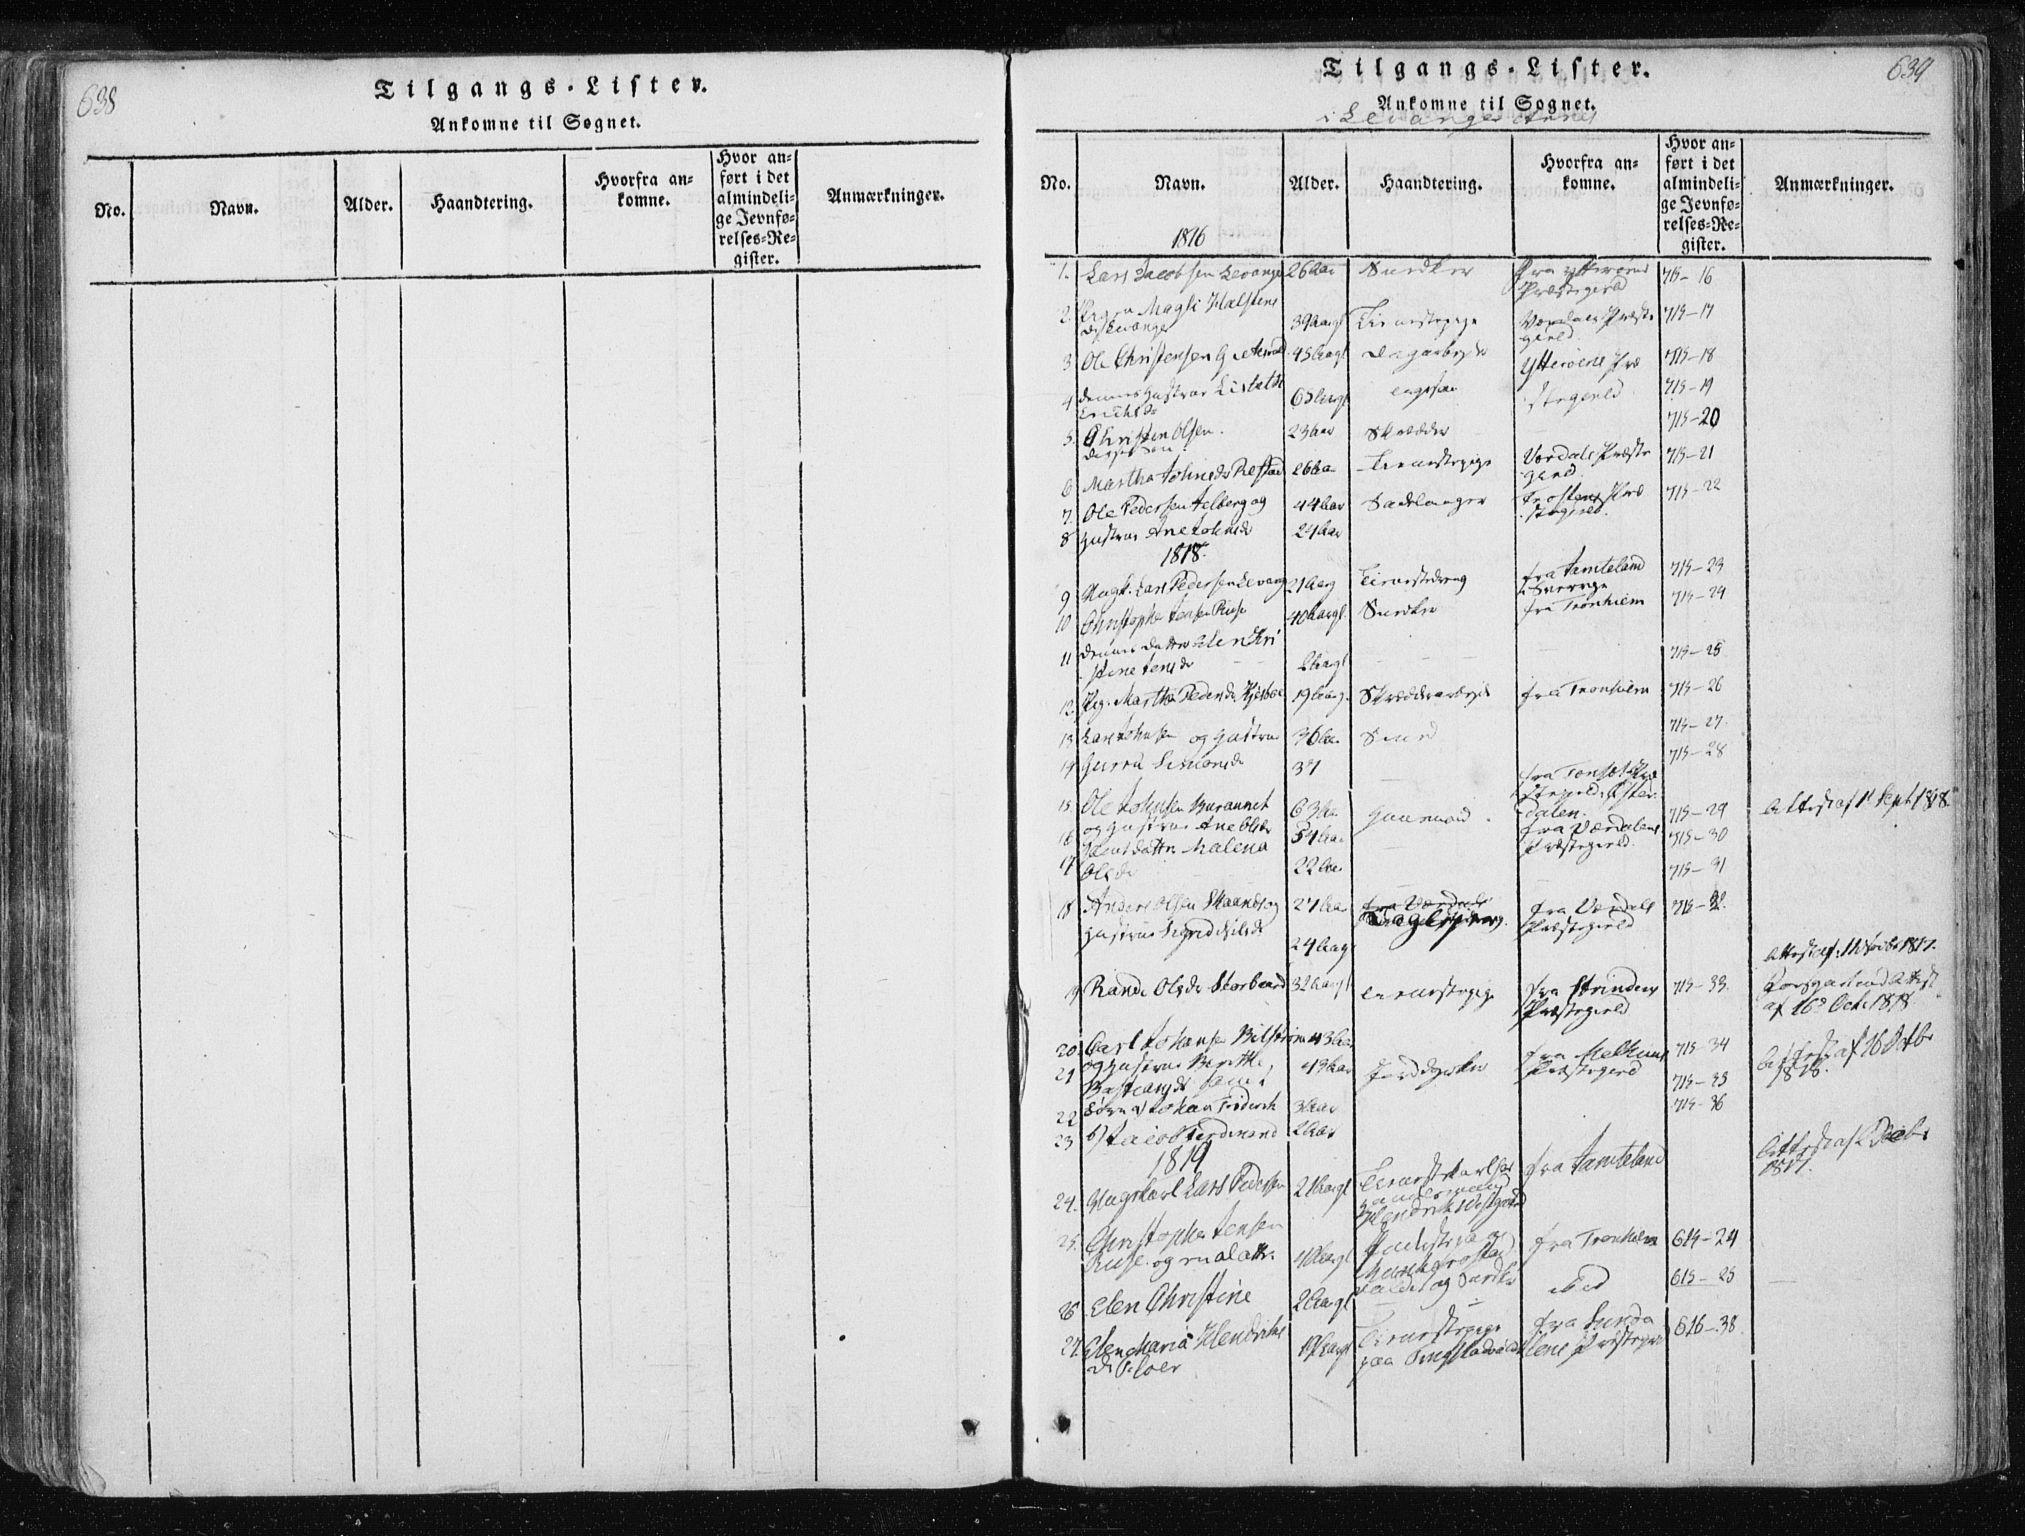 SAT, Ministerialprotokoller, klokkerbøker og fødselsregistre - Nord-Trøndelag, 717/L0148: Ministerialbok nr. 717A04 /2, 1816-1825, s. 638-639